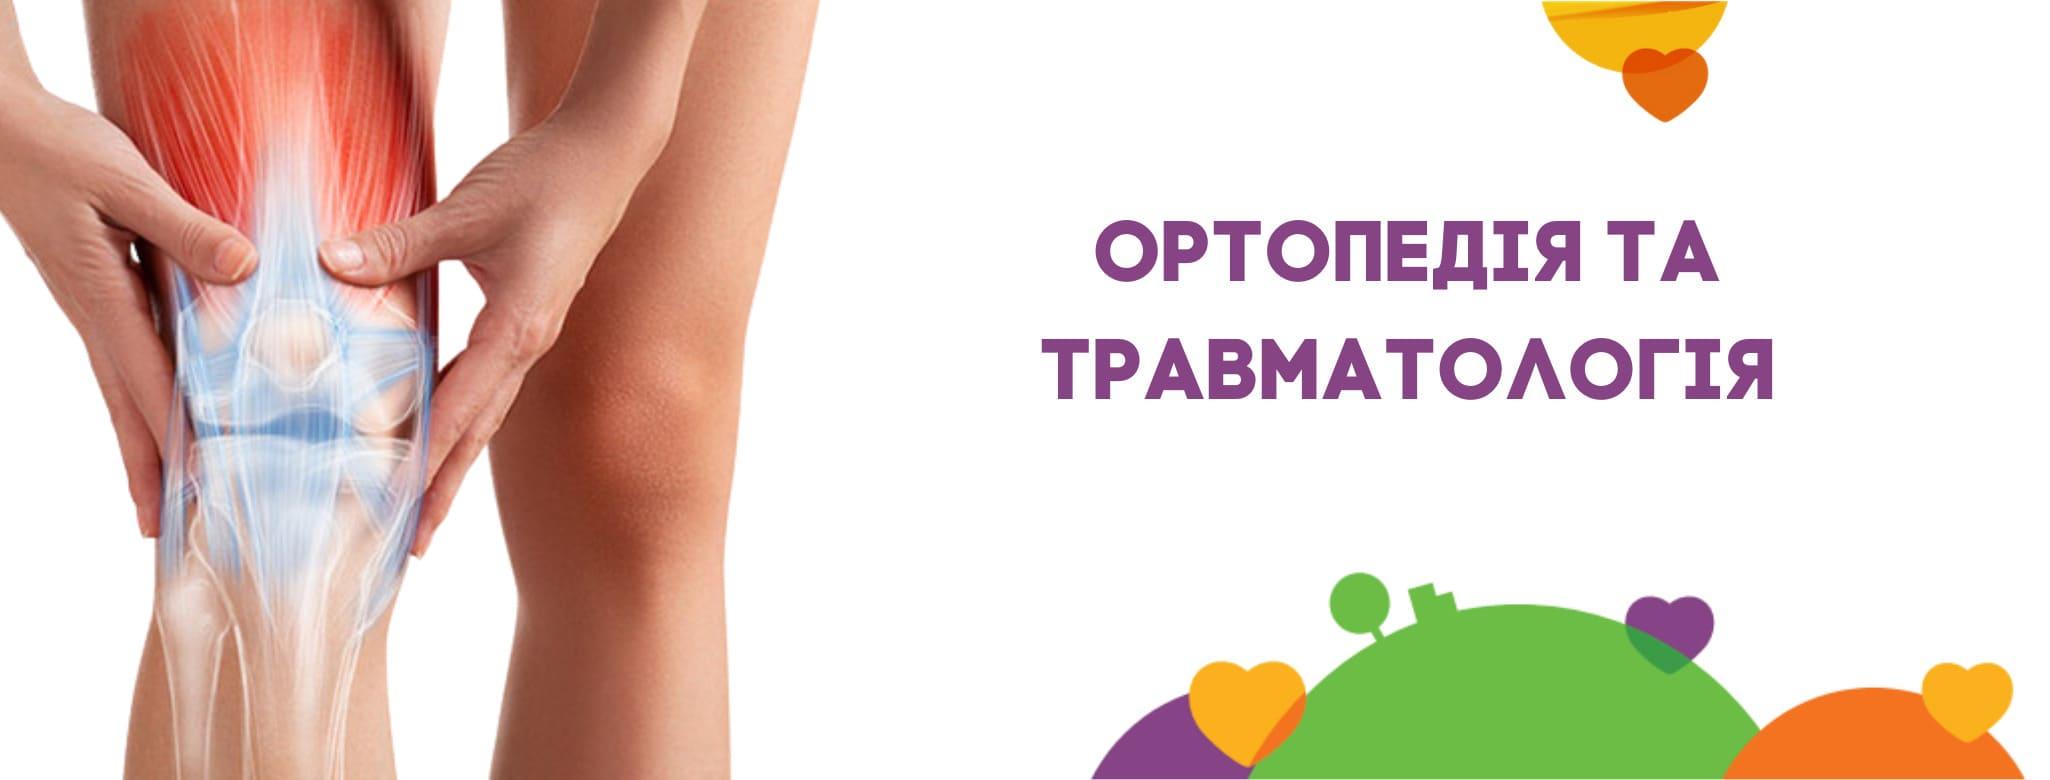 Ортопедія та травматологія